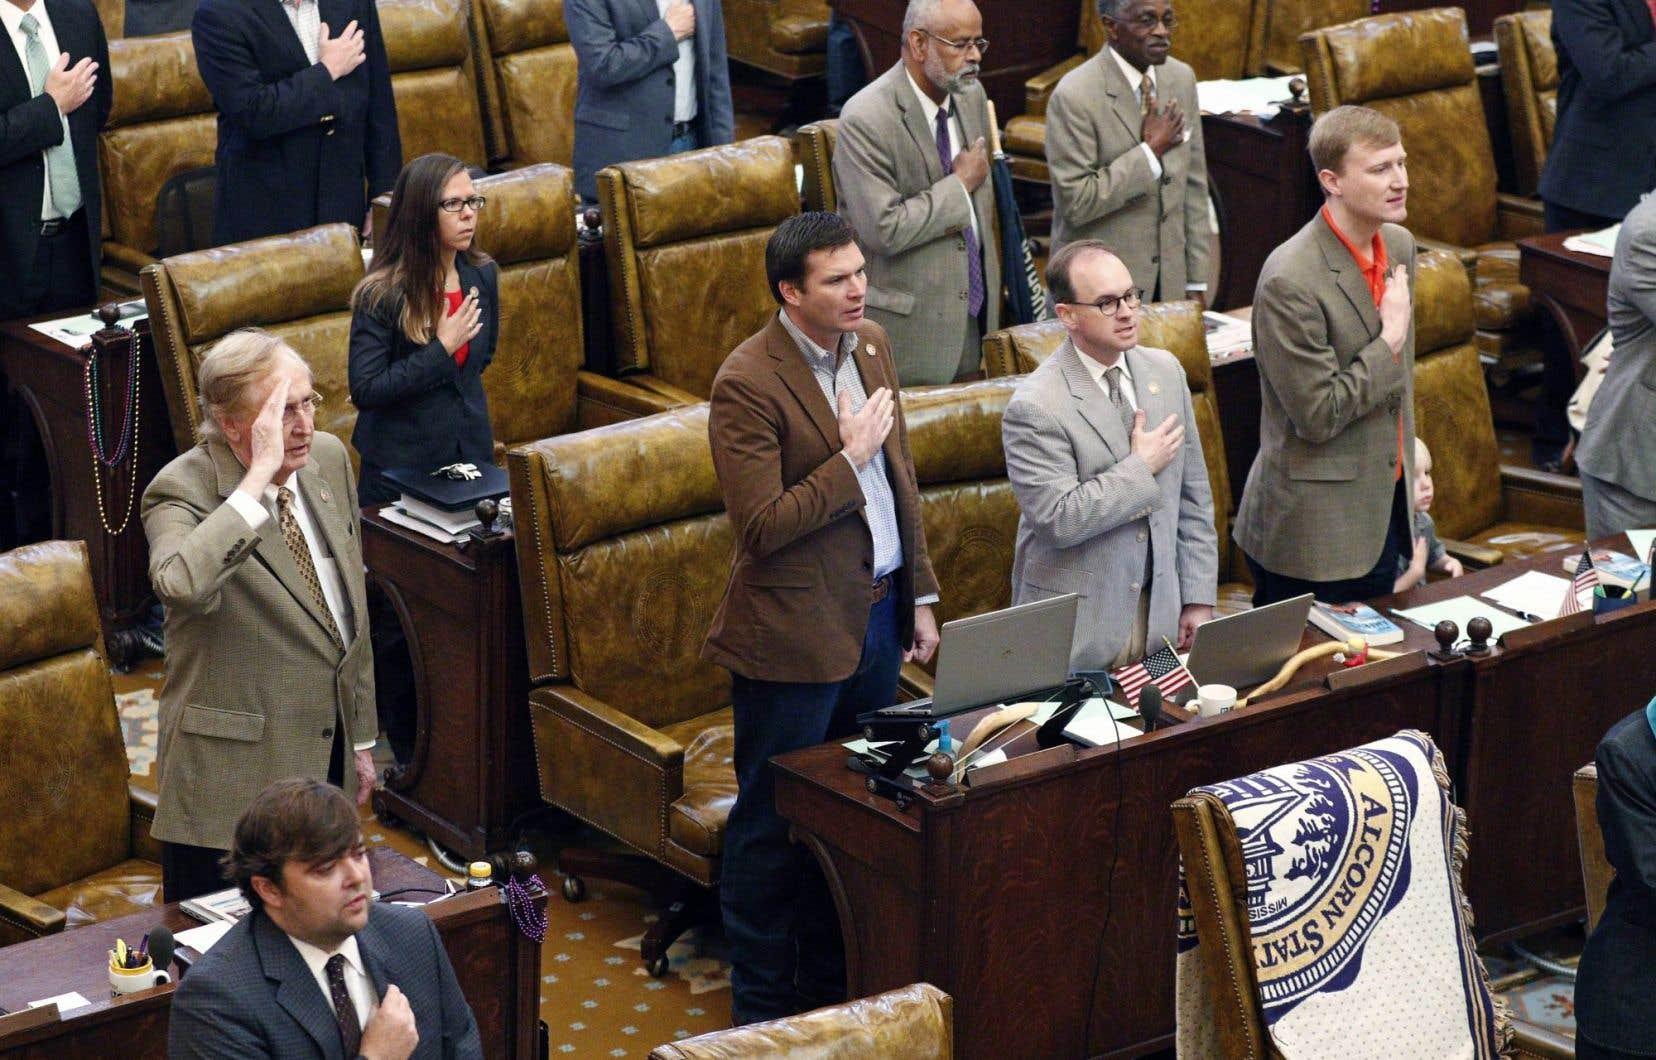 Les élus de la Chambre des représentants américaine récitent le serment d'allégeance avant de commencer leur dernier jour de travail à Jackson, au Mississippi, en avril dernier.